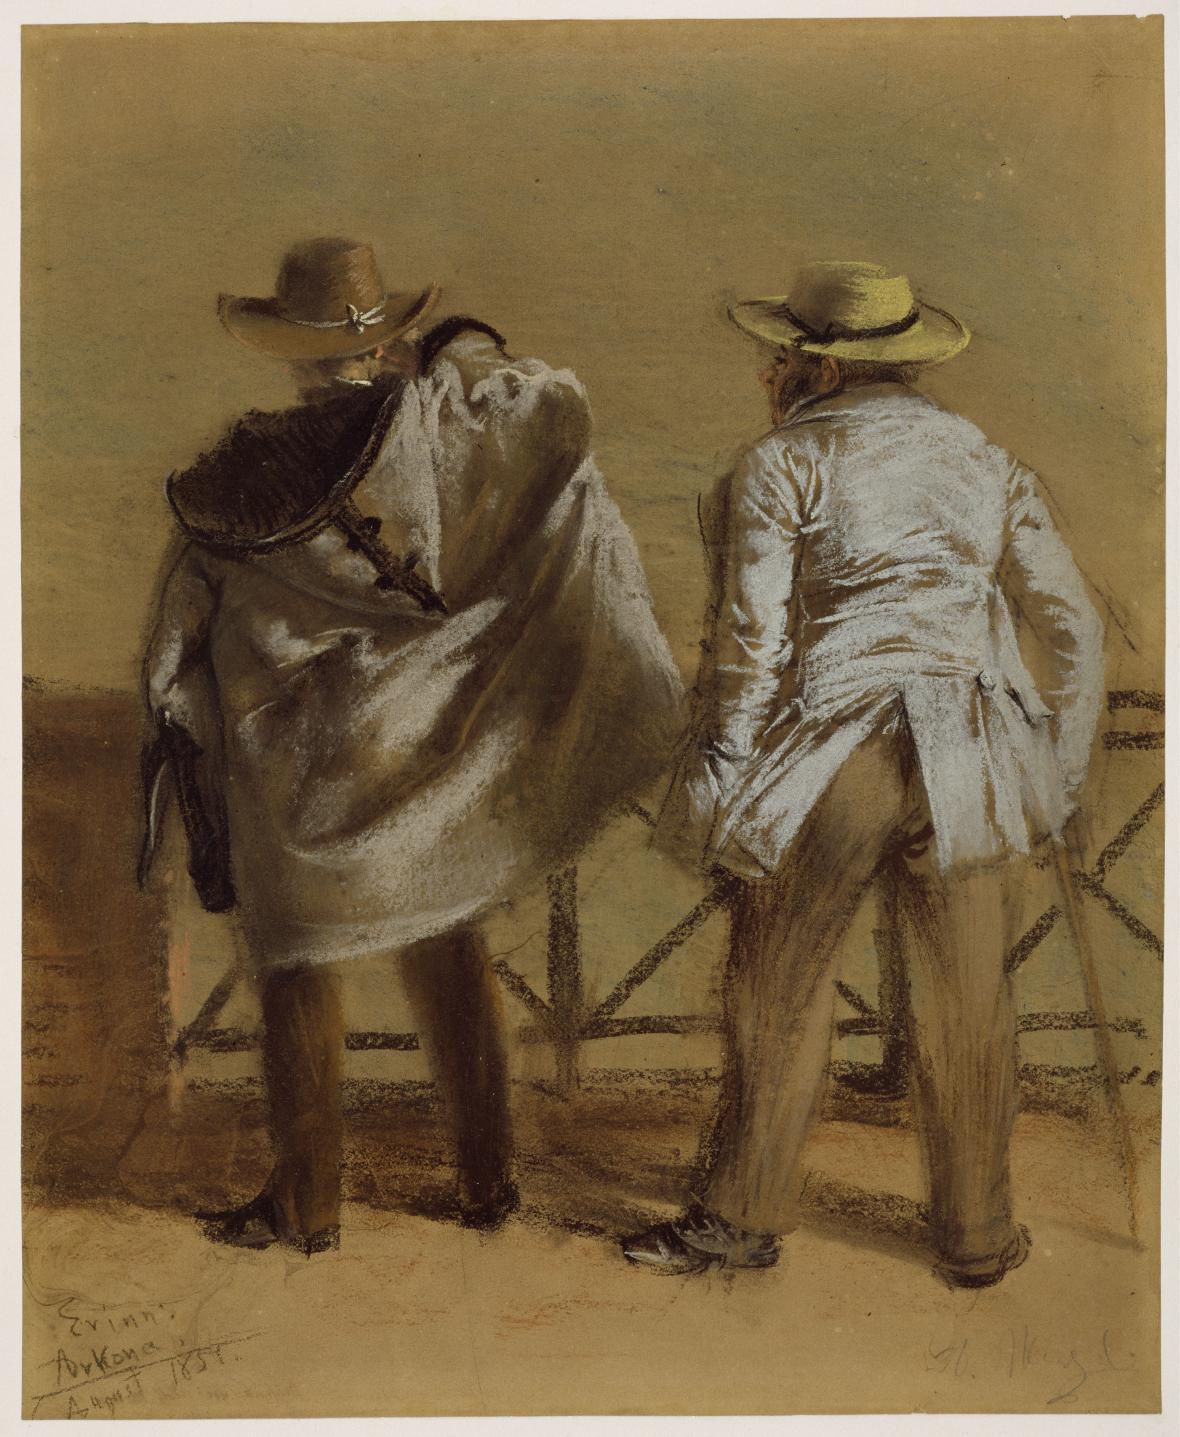 Adolph Menzel / Lázenští hosté u moře, 1851